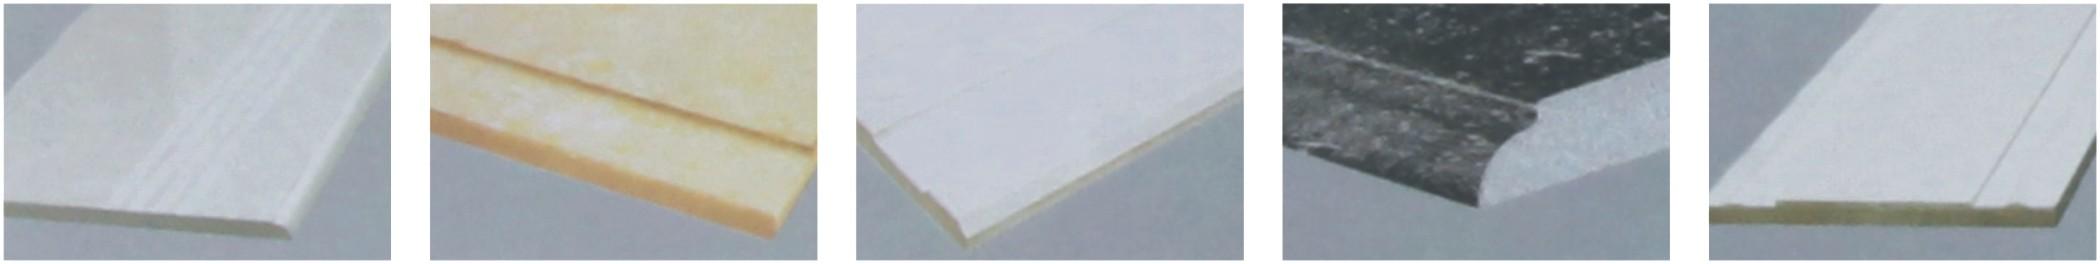 圆弧线条机 TDX-1200圆弧线条机,陶易达*新圆弧线条抛光机适用于陶瓷,大理石,花岗岩等不同材料,具有生产效率高,速度快,质量好,加工成本低等许多优势,是继圆弧机之后的一大新产品,推出之后得到市场上的好评,是陶瓷深加工设备的黄牌机器,圆弧抛光机可以加工楼梯踏步,地脚线,L型,45度,圆弧边,防滑槽等陶瓷,石材加工,在圆弧抛光机的基础上增加了异性线条,法国边,腰线,鸭嘴边,罗马边等功能。 技术参数: 设备型号 输送带数量 抛光圆弧磨头数量 抛光磨头直径 倒角磨边轮直径 倒角磨轮直径 磨线条轮数量 TDY